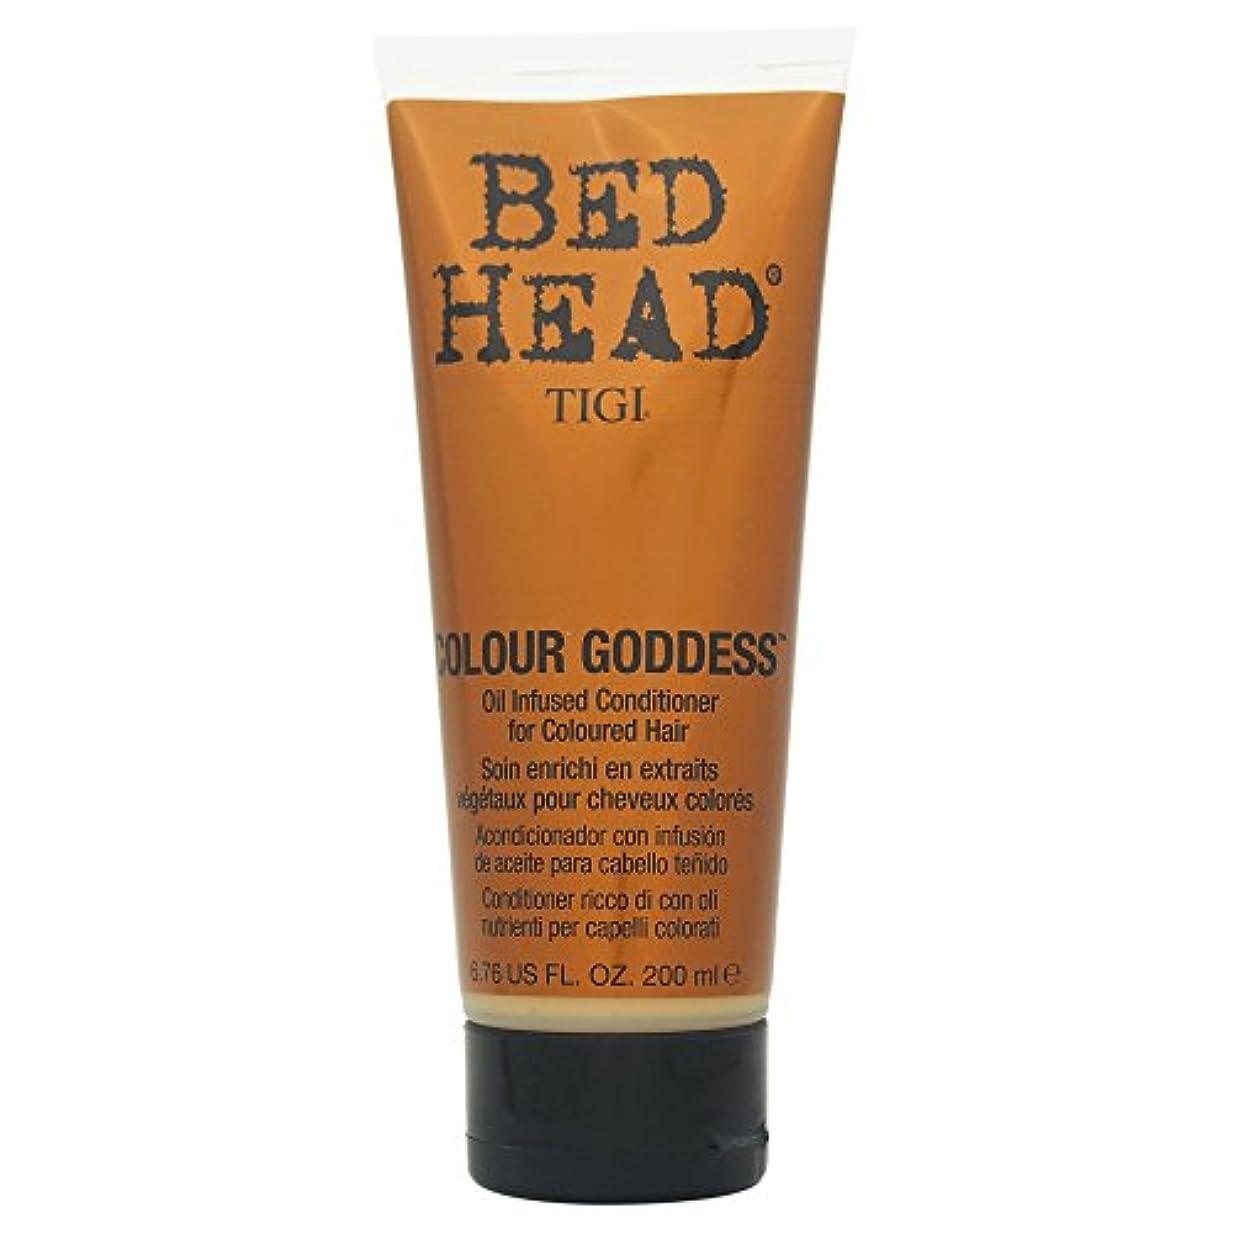 ブリッジ数学者毒性Tigi Bed Head Colour Goddess Oil Infused Conditioner 200ml [並行輸入品]